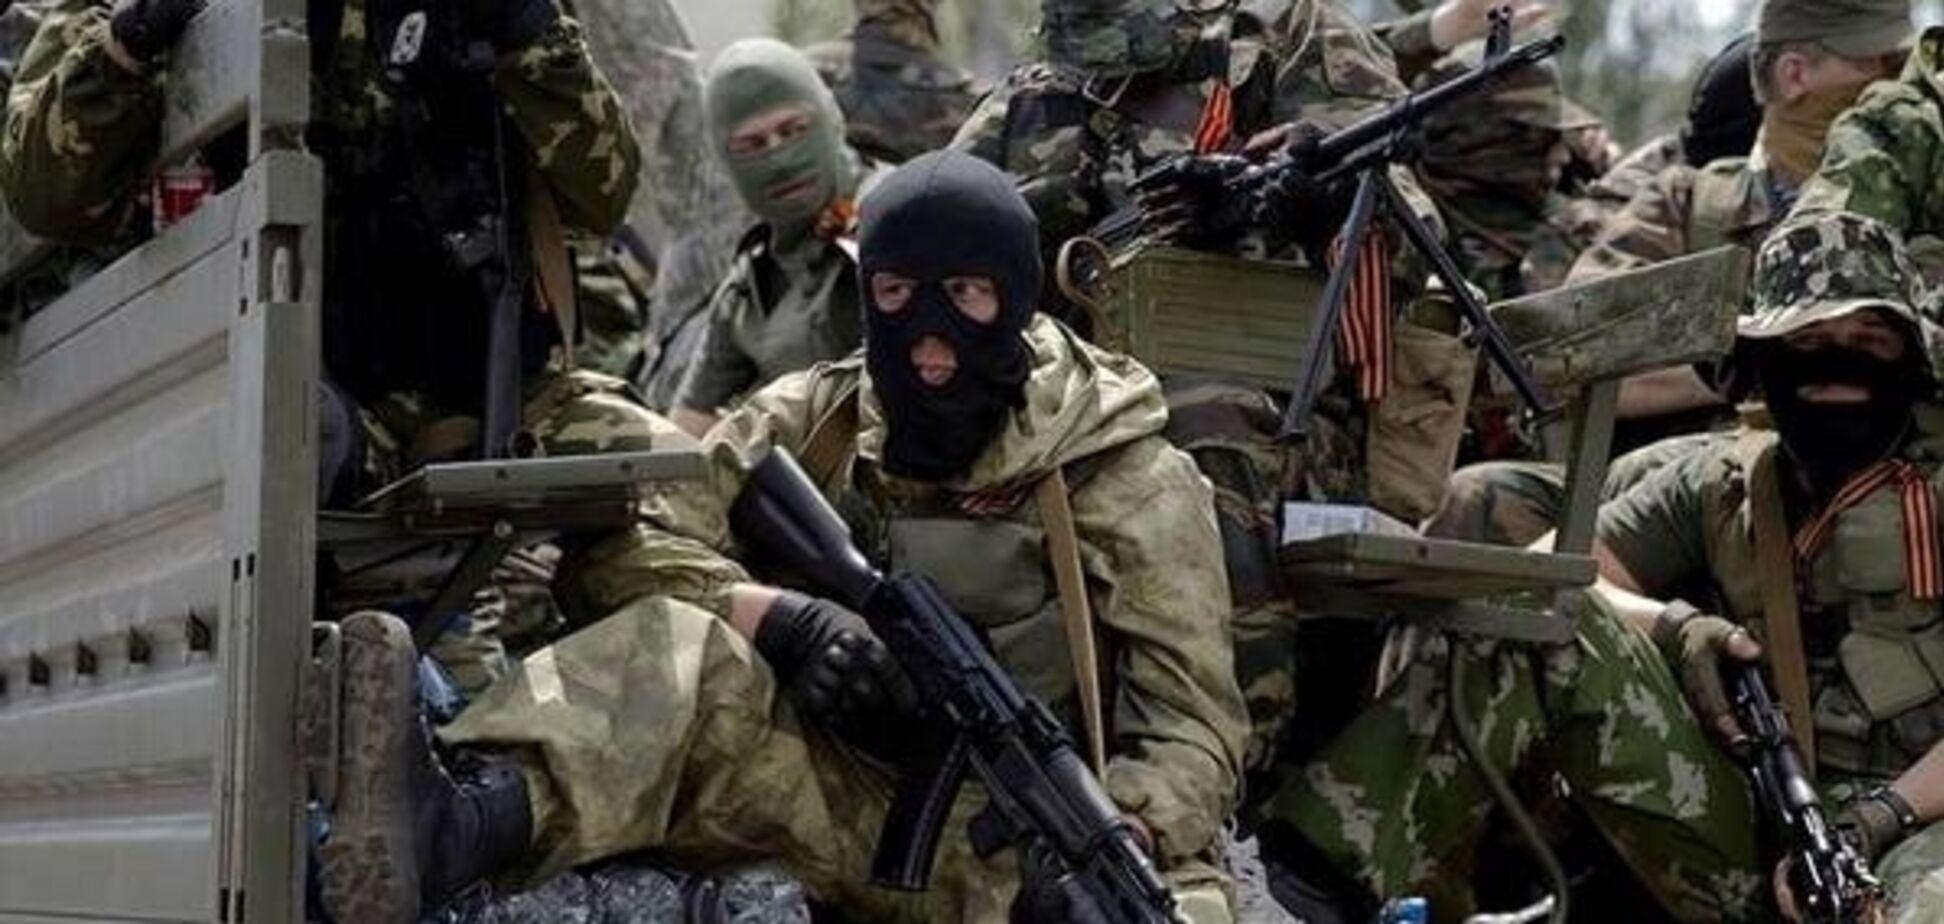 Кара сошла с небес: на Донбассе 'метеорит' разнес ДРГ террористов